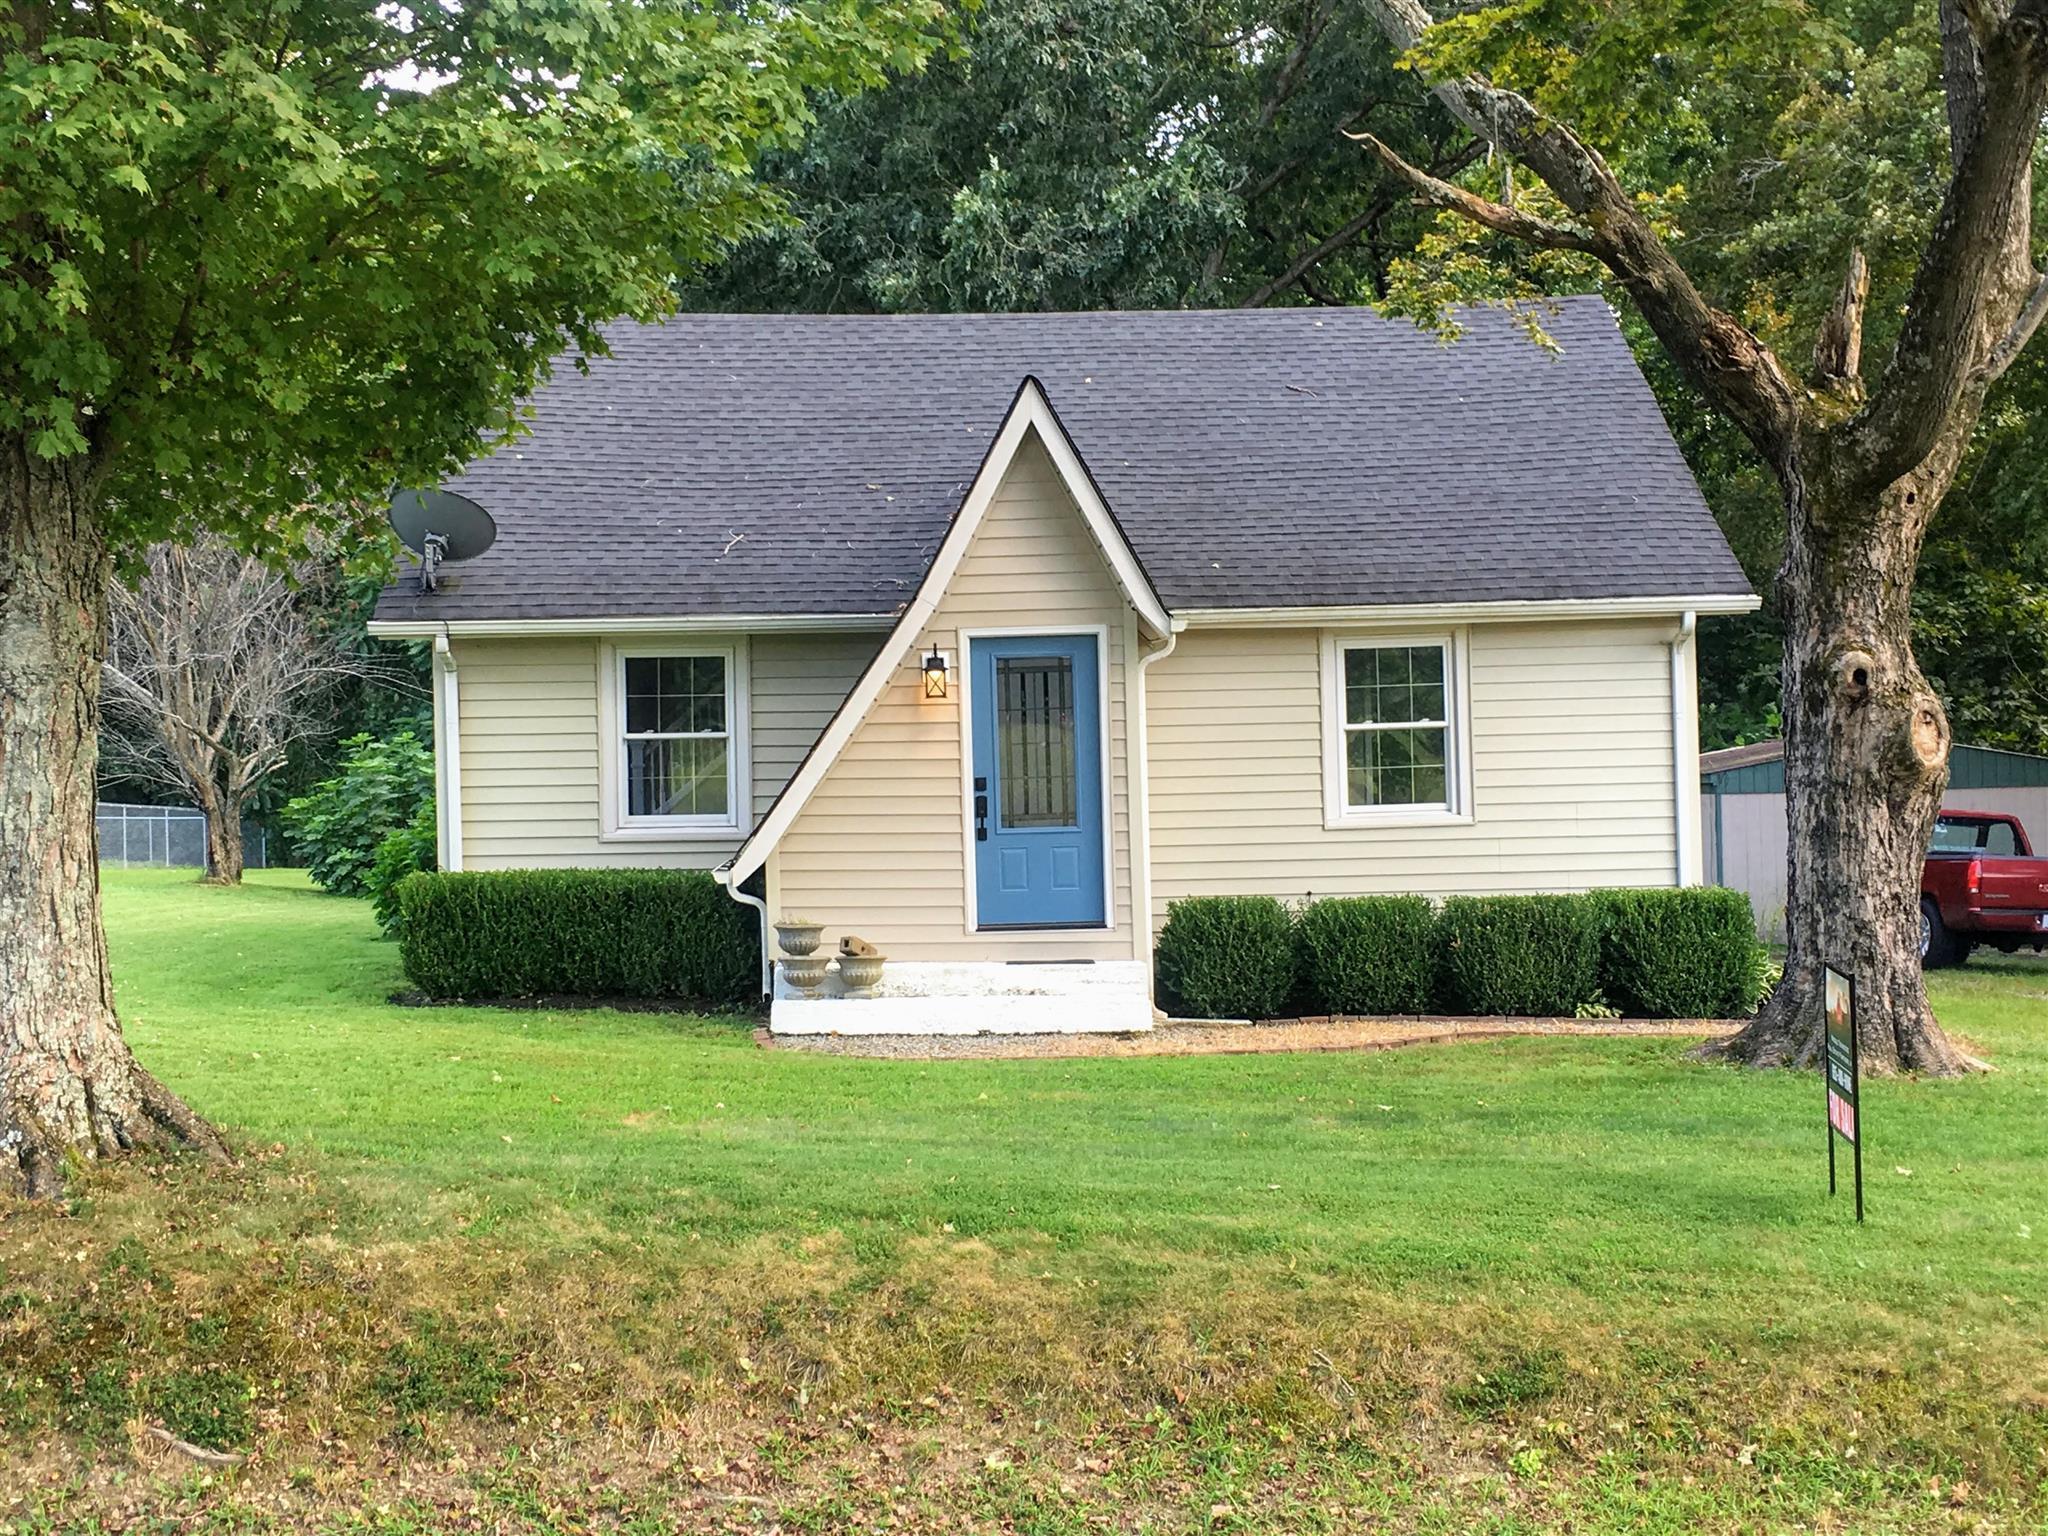 305A West Garretts Creek Rd, Westmoreland, TN 37186 - Westmoreland, TN real estate listing